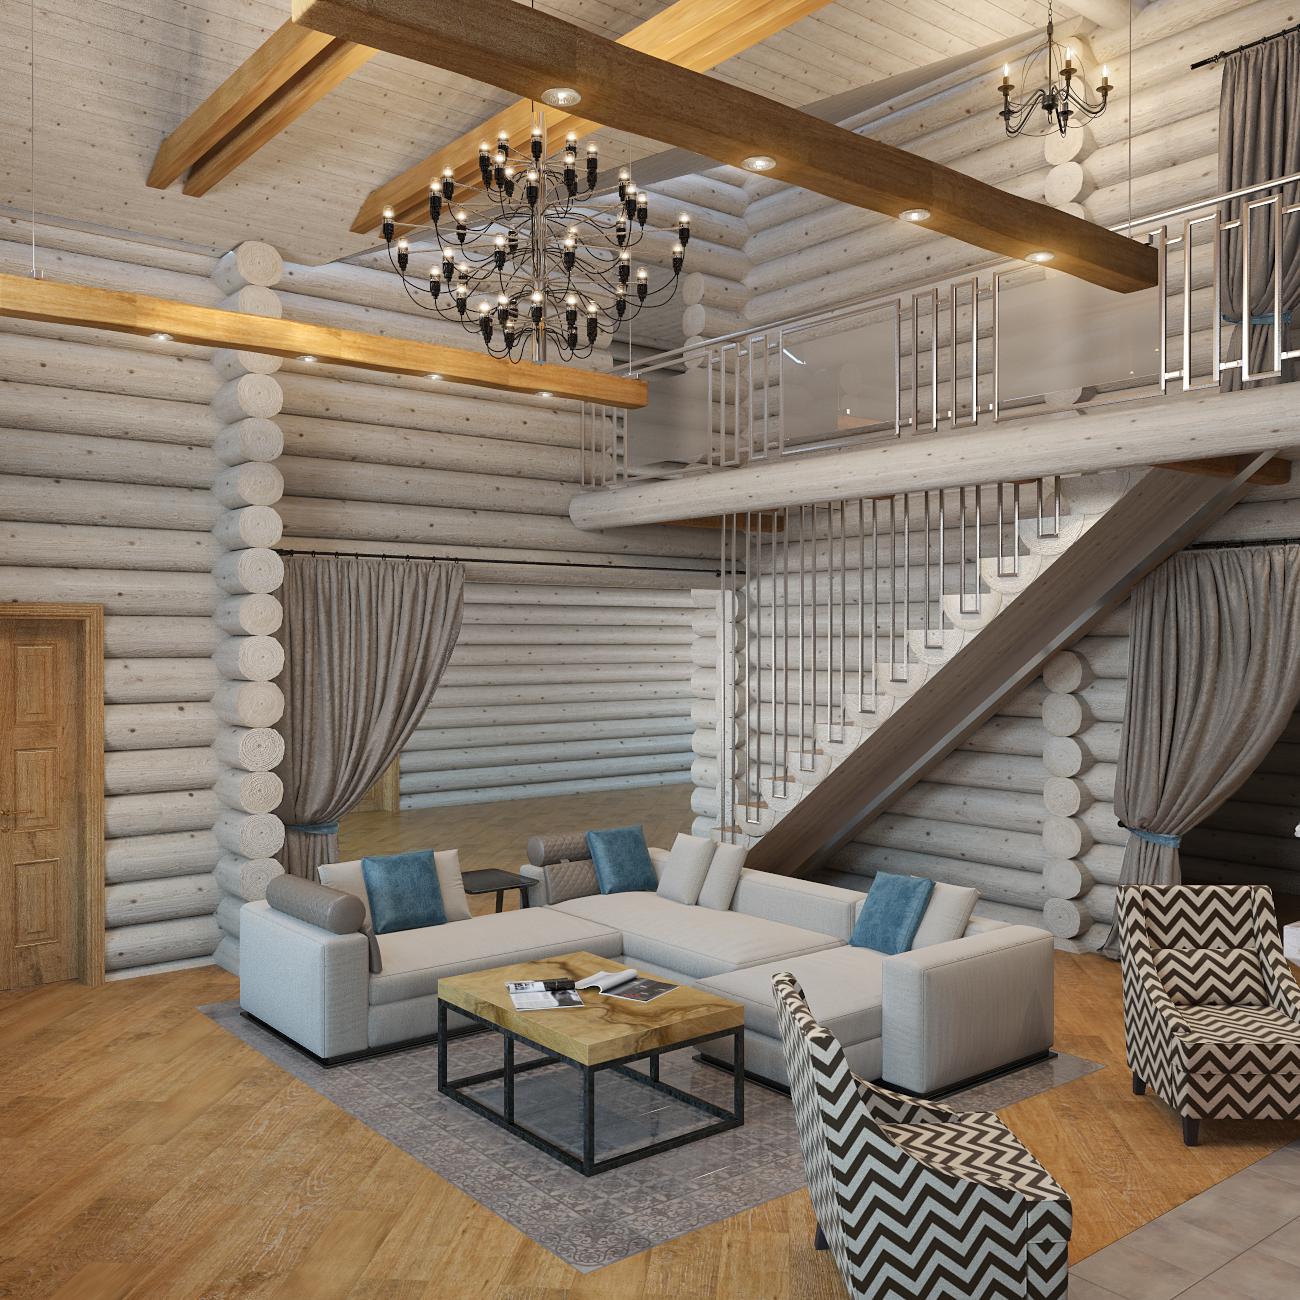 дизайн интерьера деревянного дома (6)